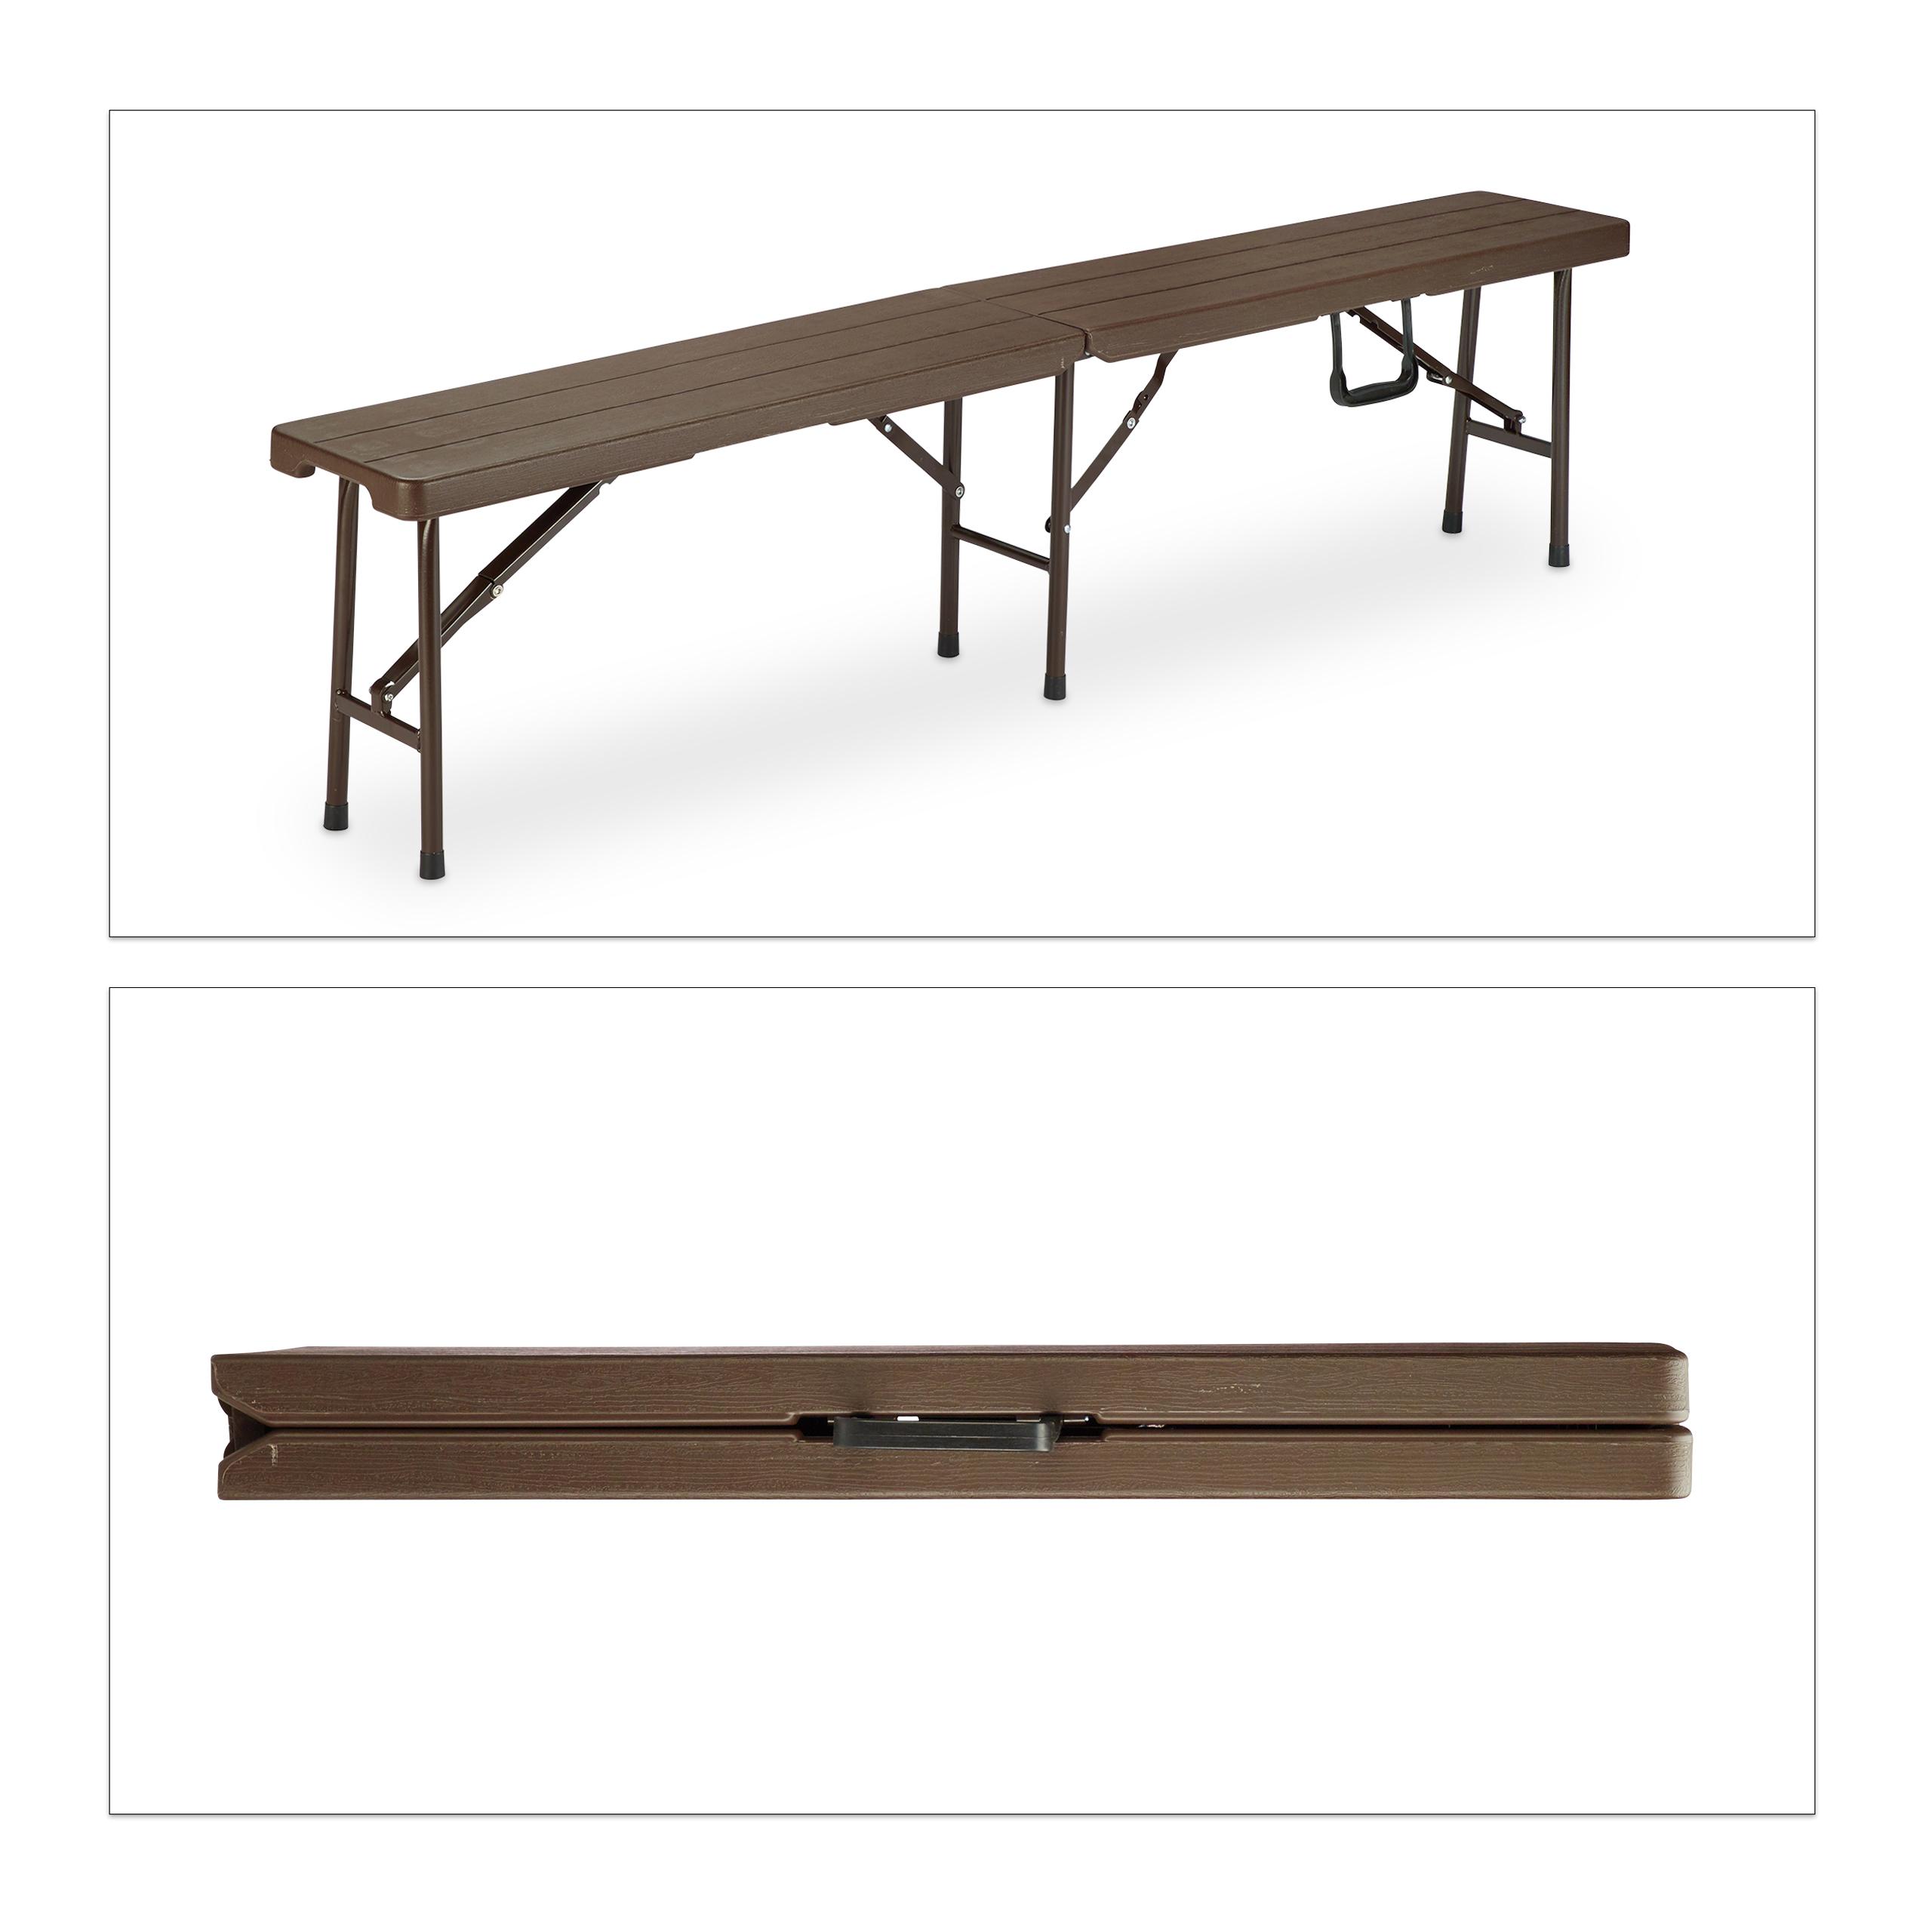 Bierzeltgarnitur klappbar Holzoptik Gartentisch Klapptisch Gartenbank Sitzgruppe